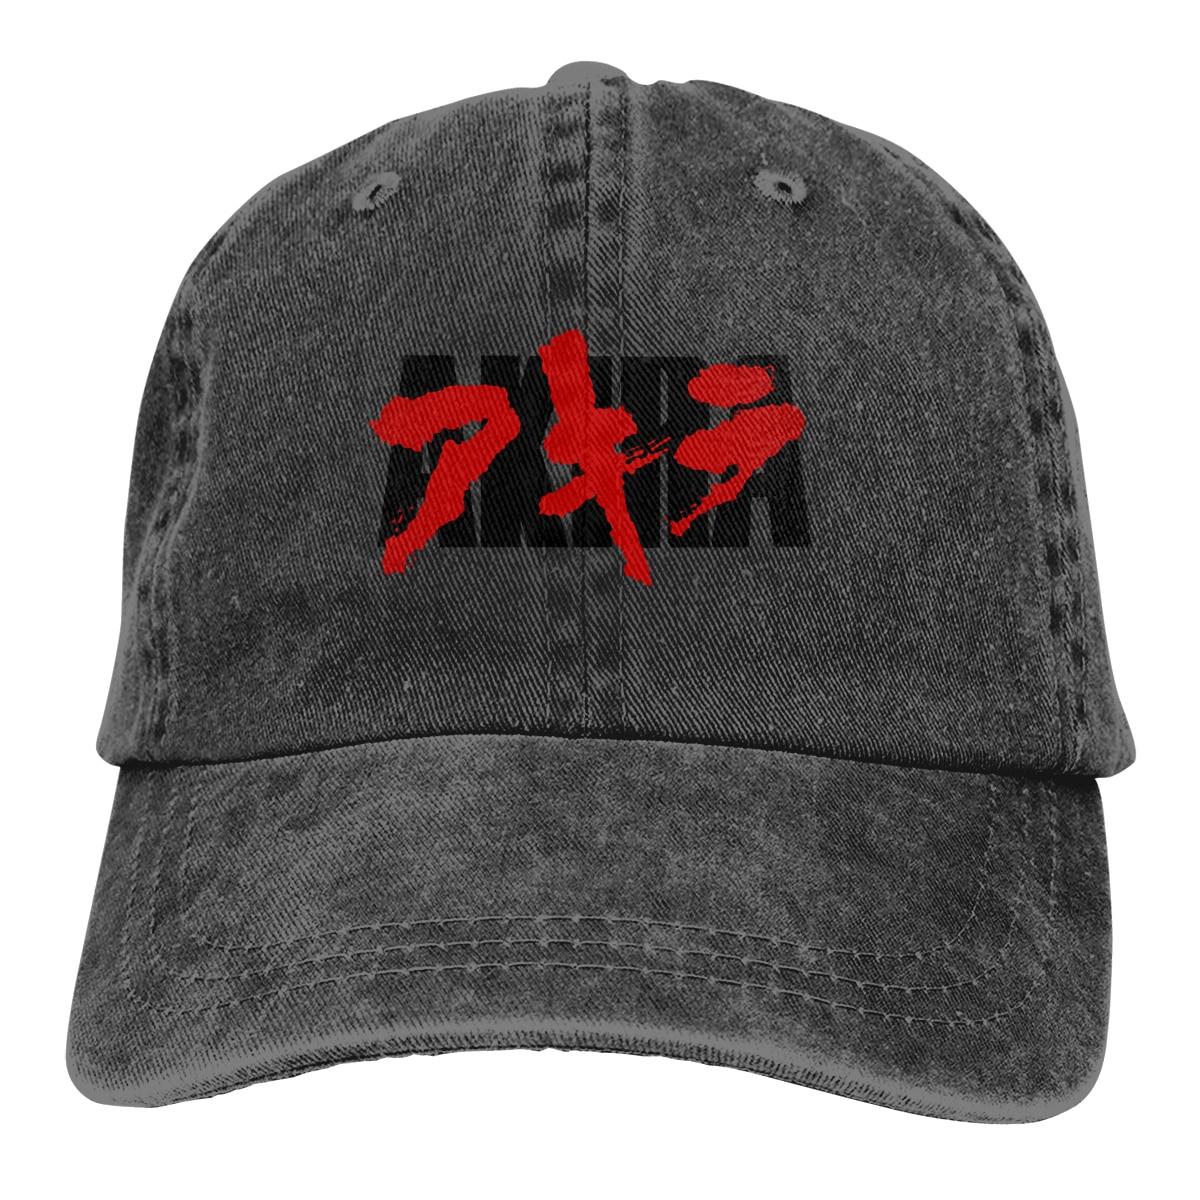 Gorra de verano sangrienta Akira Hip Hop sombrero vaquero Gorro con visera